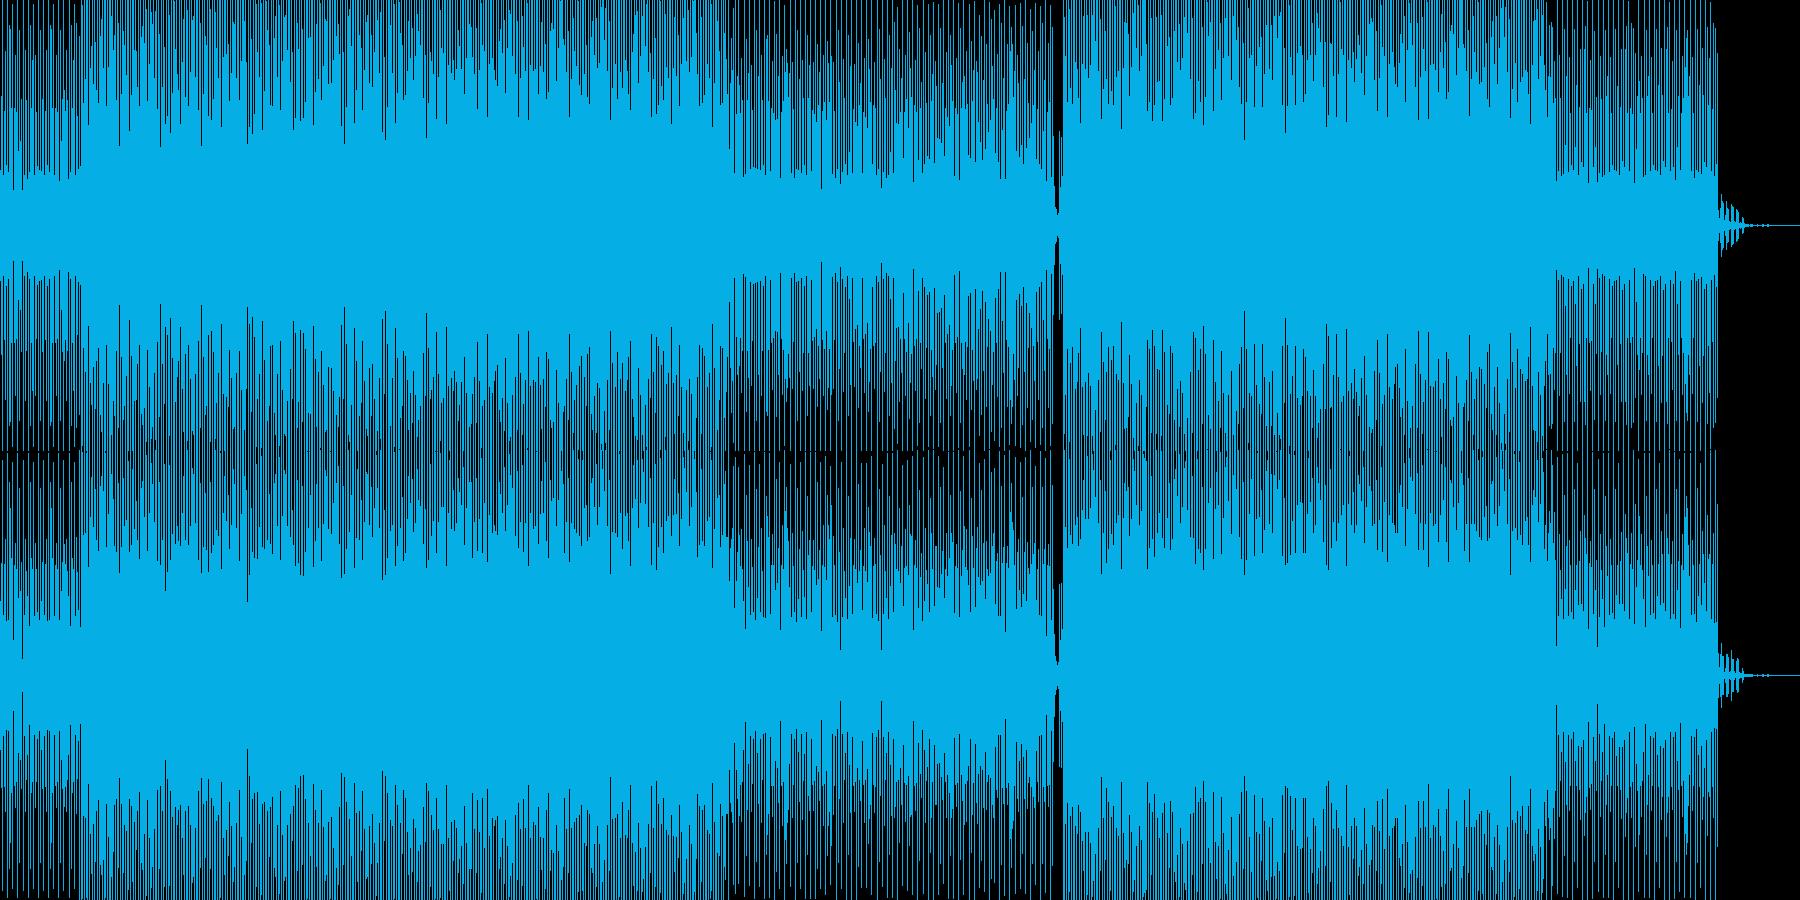 静かでノイジーでアンビエント的テクノの再生済みの波形